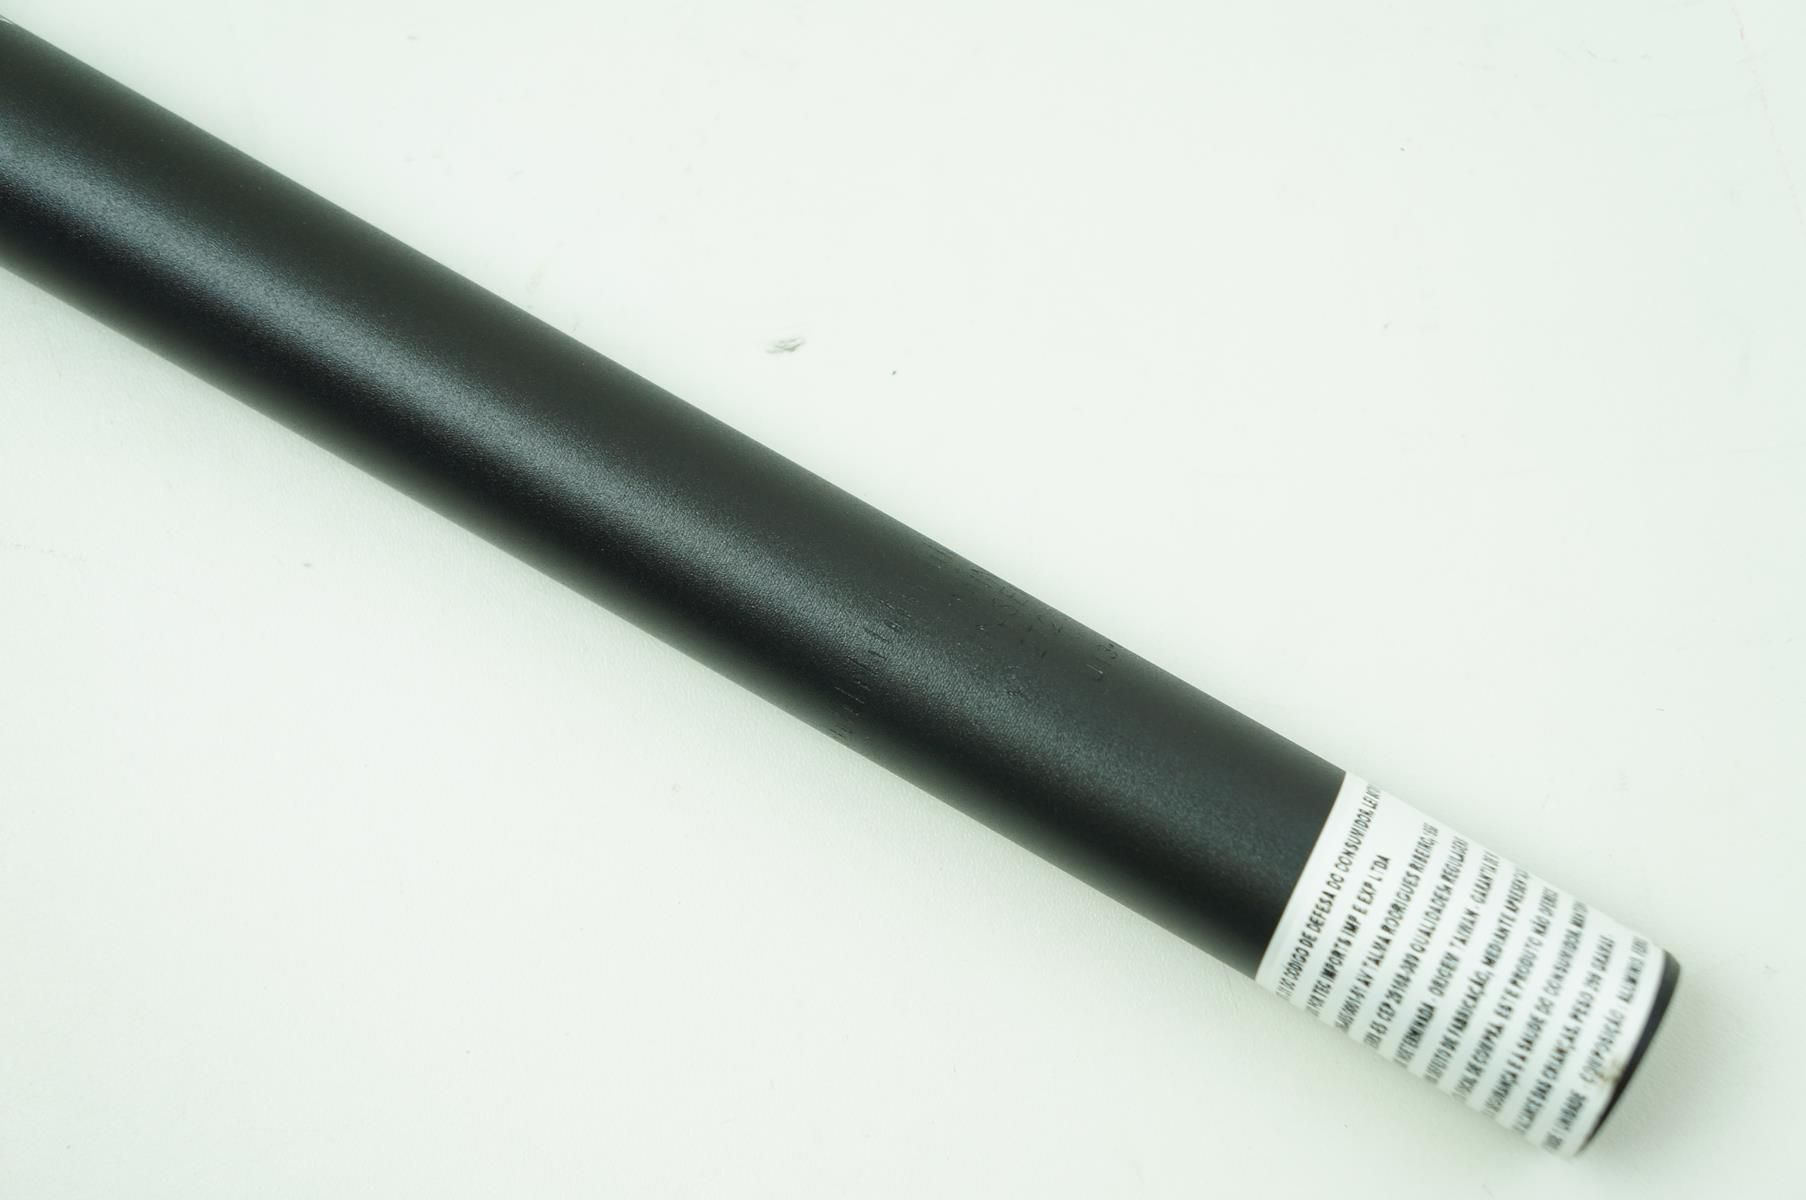 Canote Mtb Uno Kalloy Performanced 27.2mm 350mm Aluminio Preto